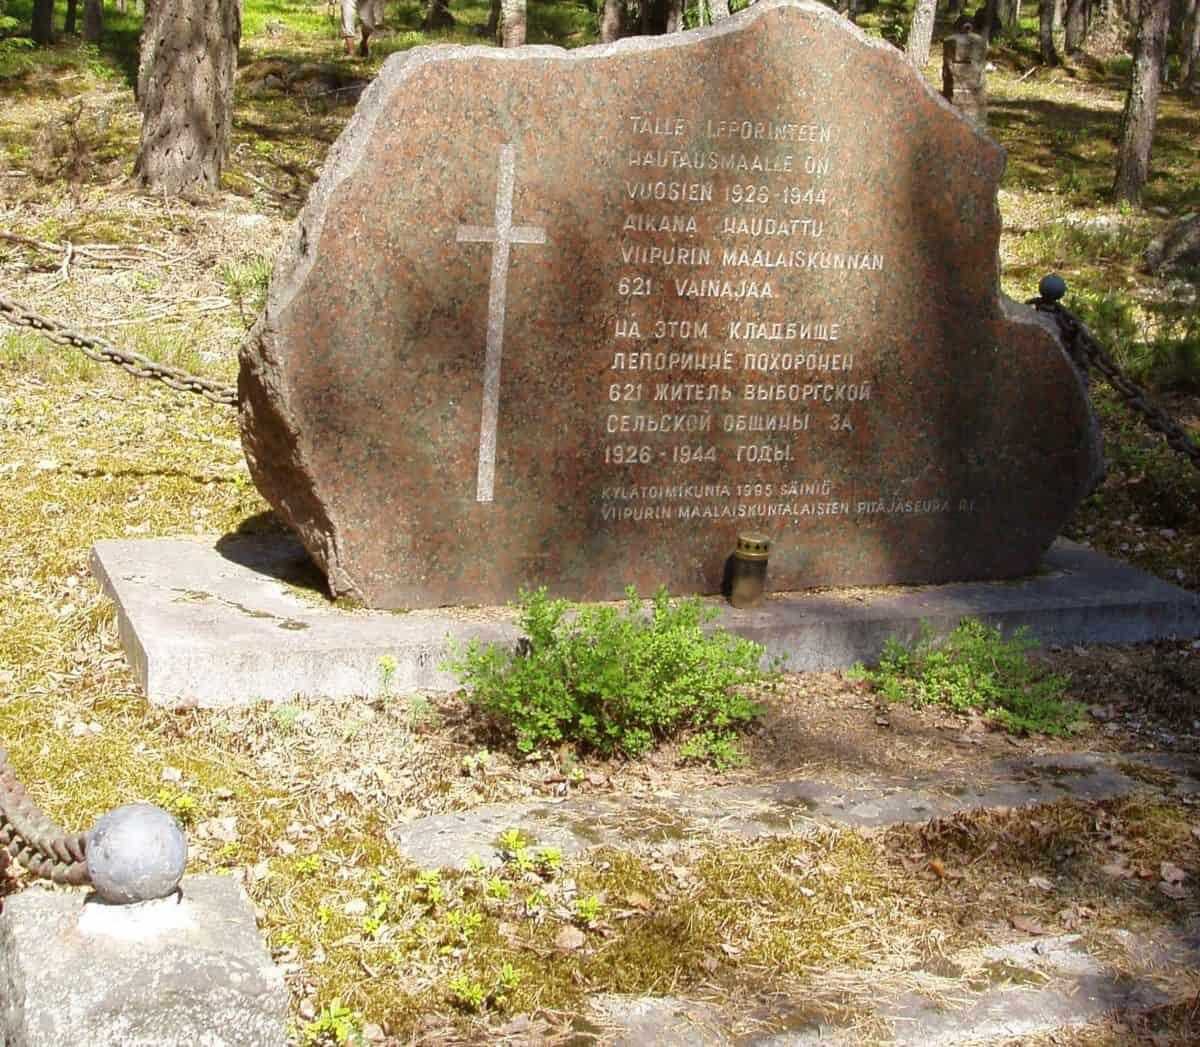 Tälle Leporinteen hautausmaalle on vuosien 1926-1944 aikana haudattu Viipurin maalaiskunnan 621 vainajaa.